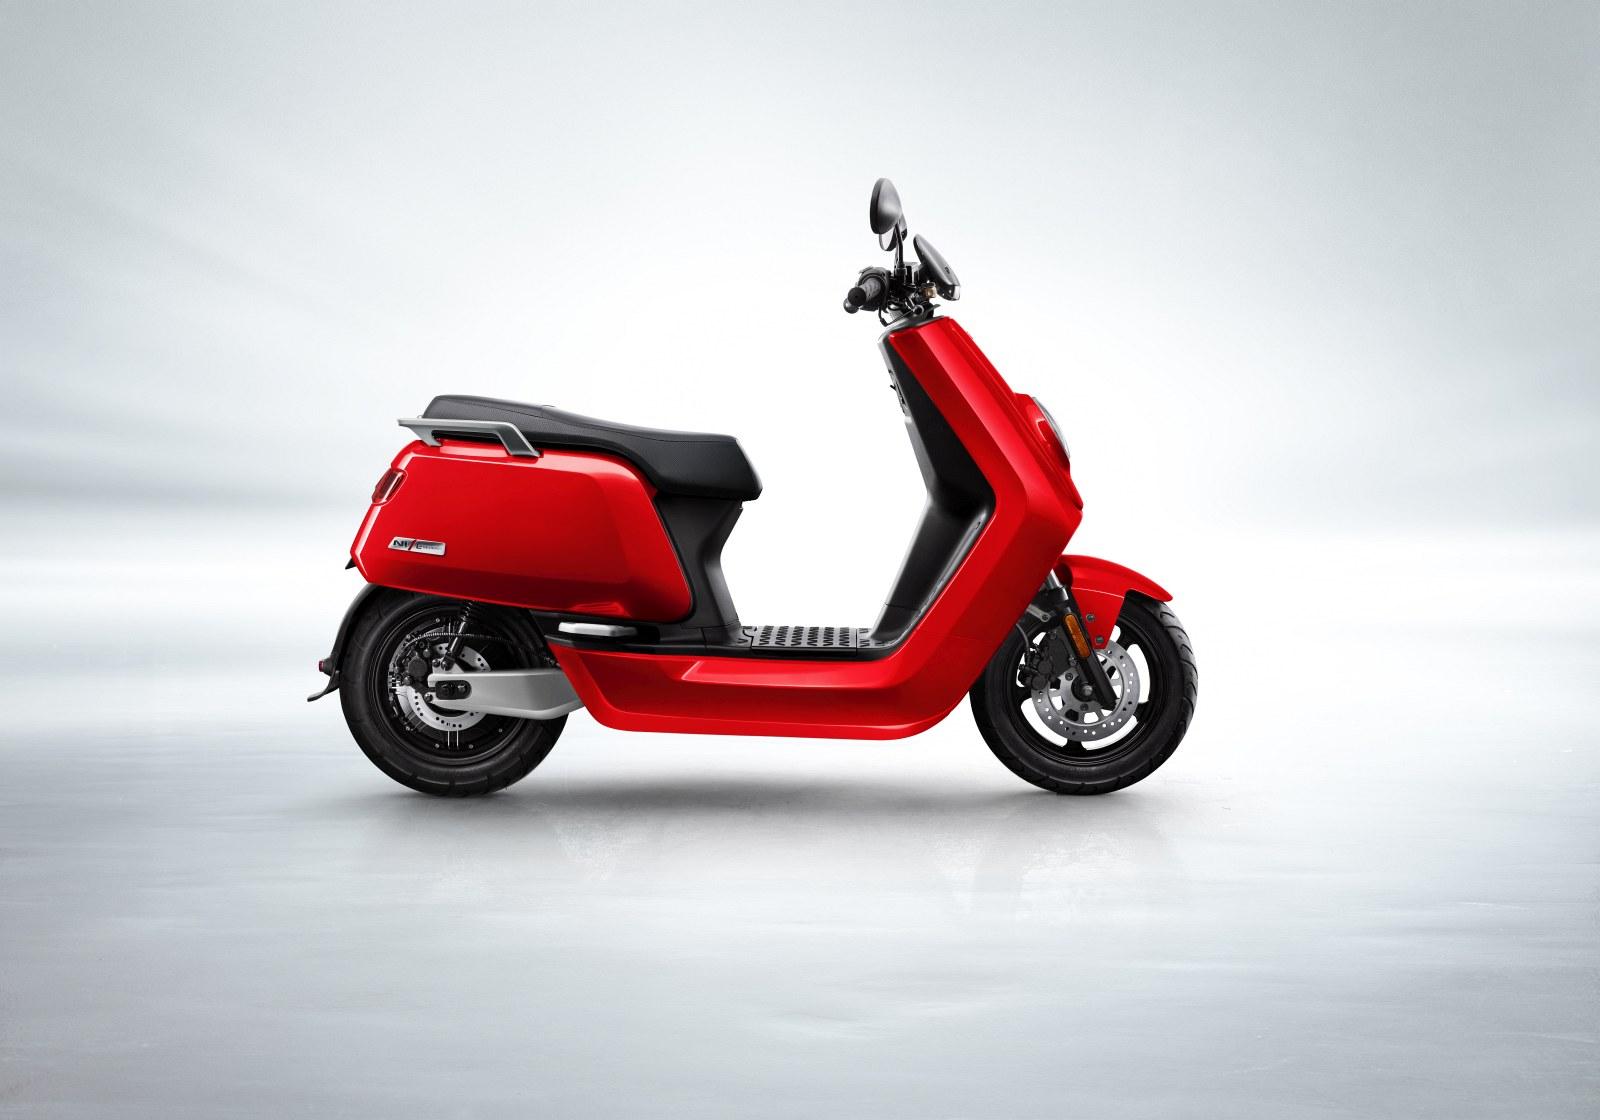 N1 Red Side